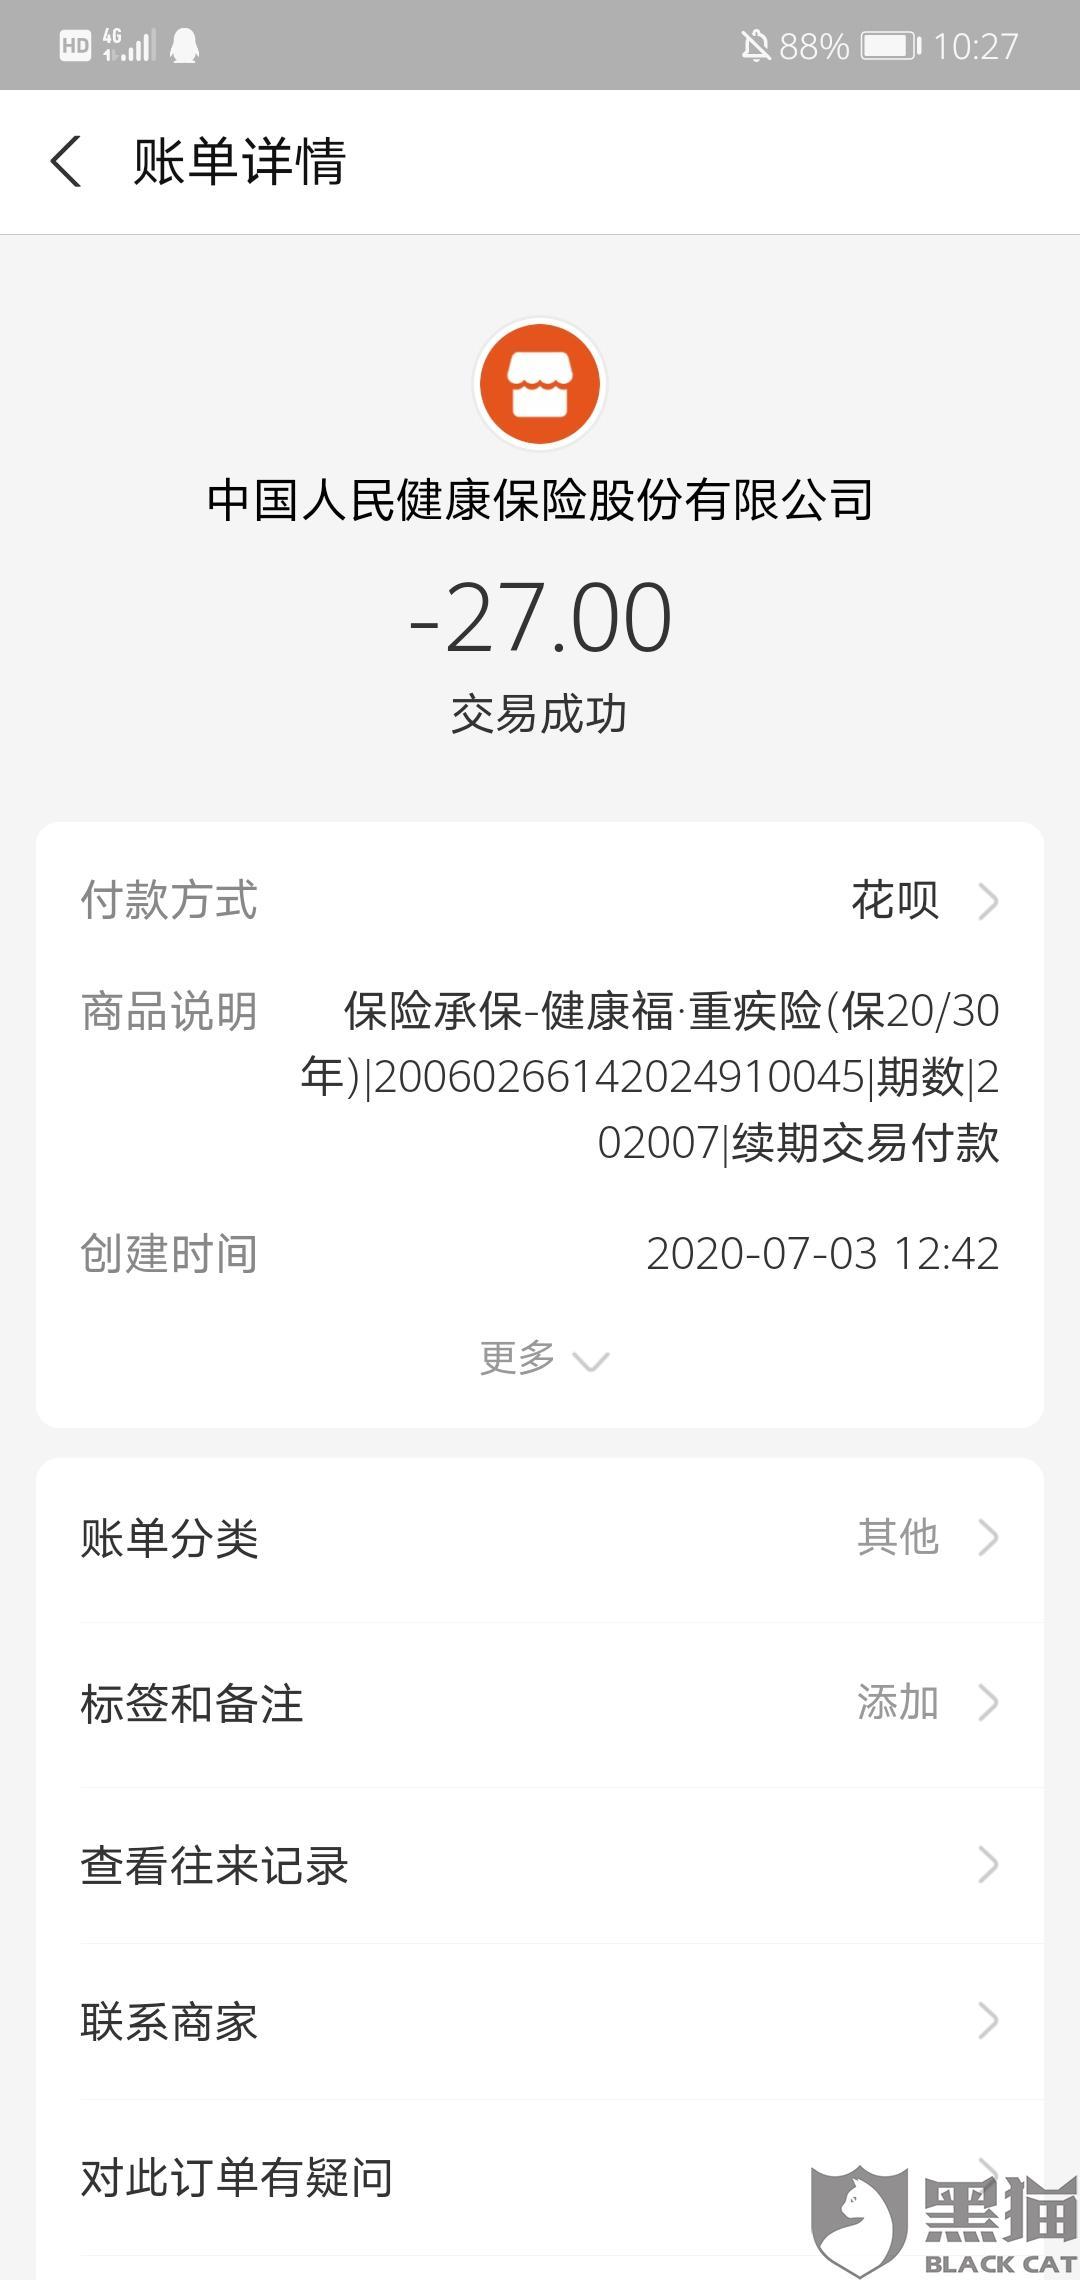 黑猫投诉:中国人民健康保险公司自动扣我的钱